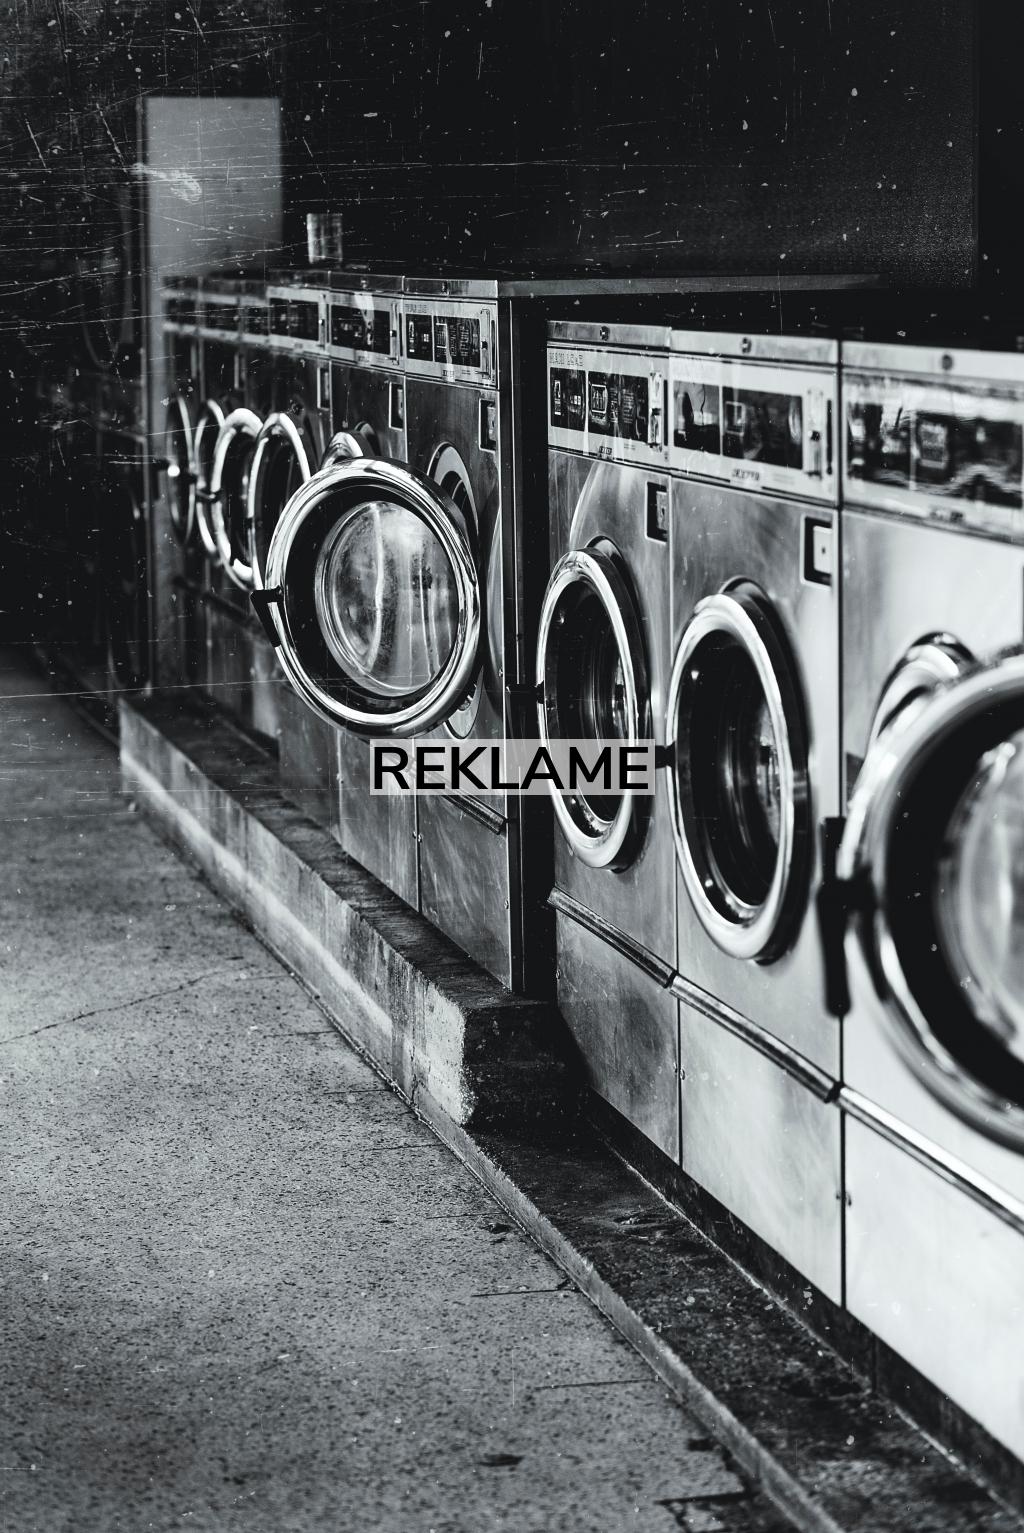 Problemer med tøjvasken? Prøv professionelt vaskeudstyr